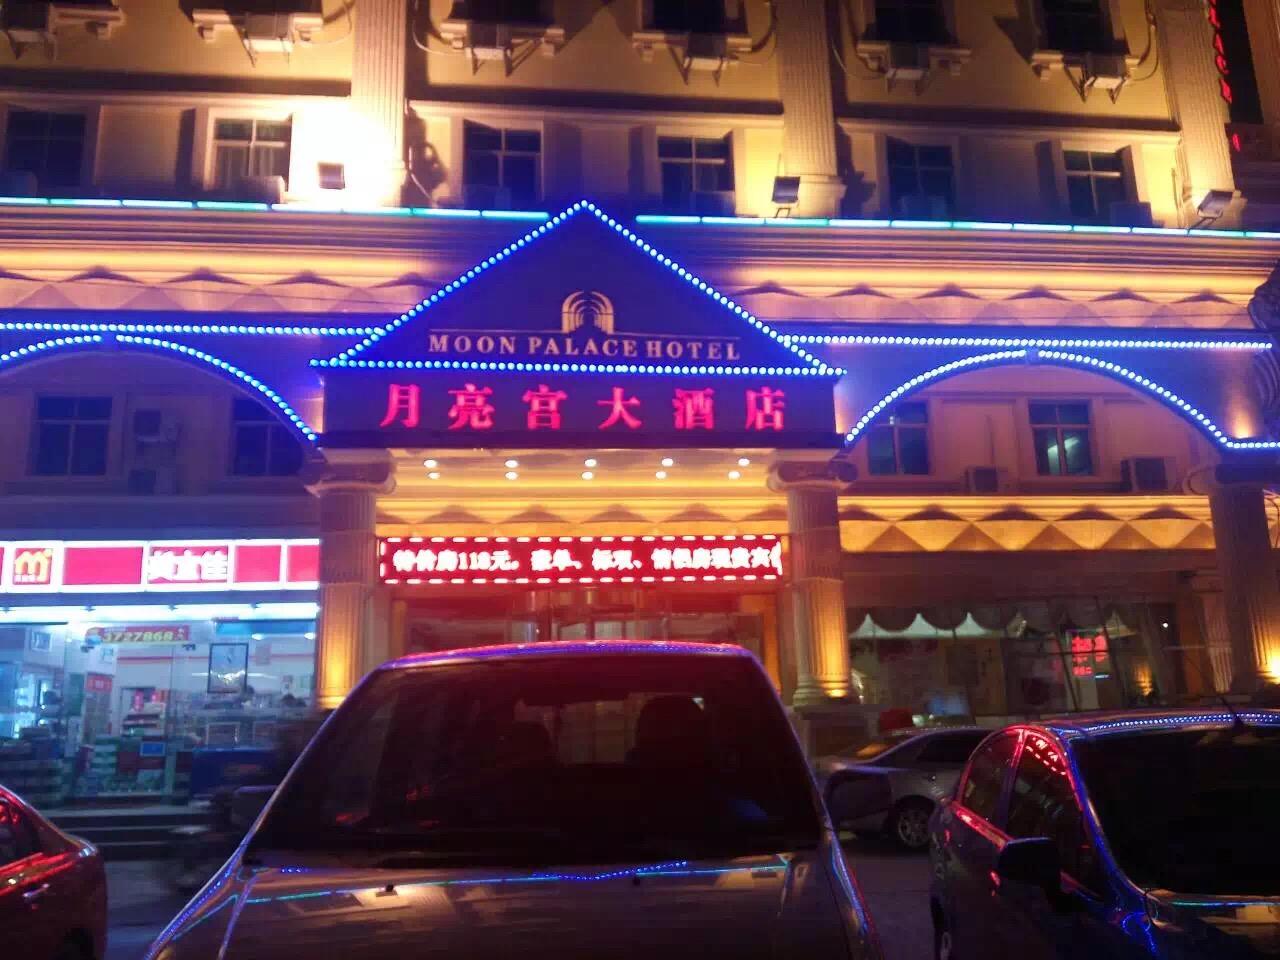 月亮宮大酒店亮化